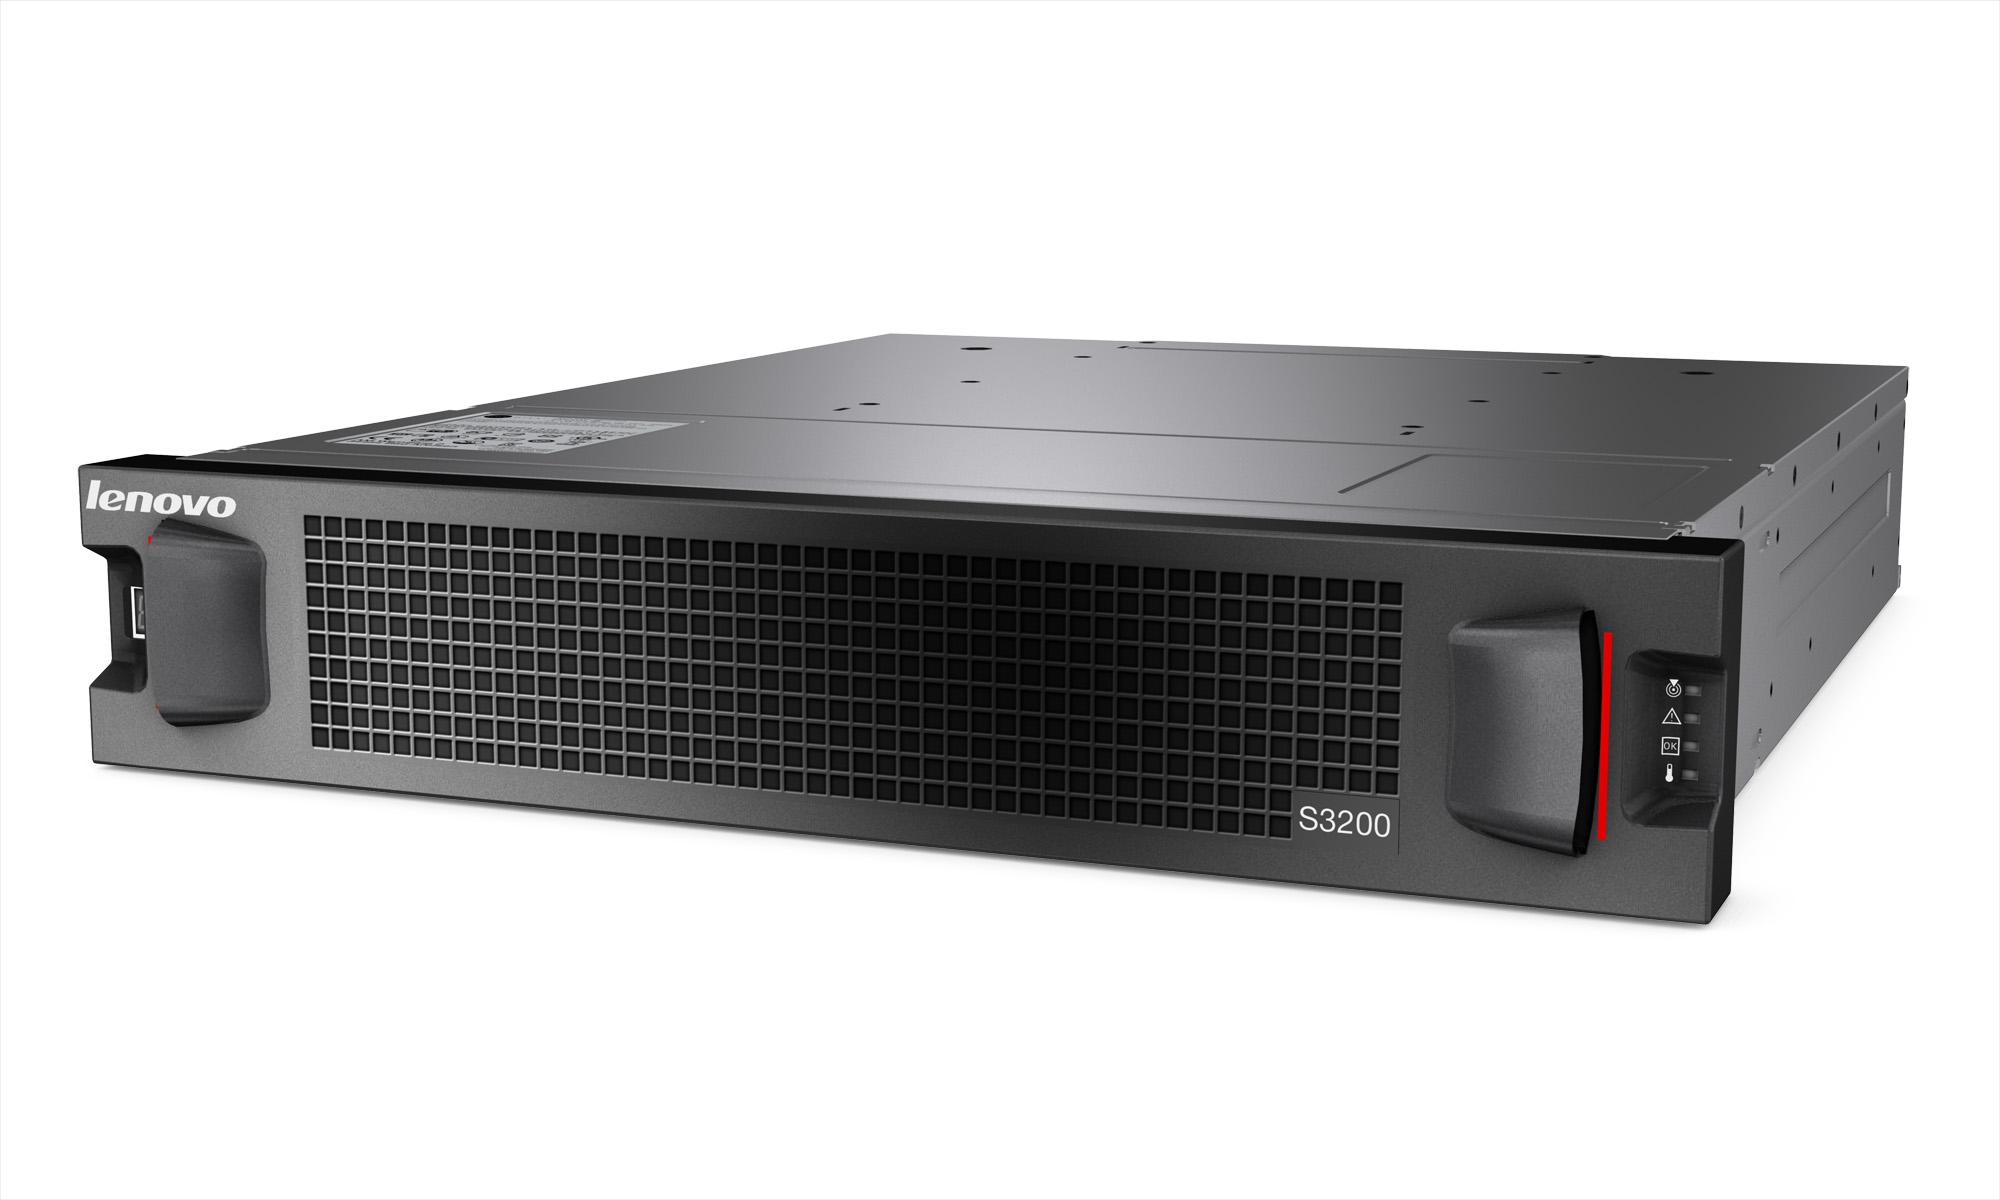 Lenovo представила SAN-массивы Storage S2200 и S3200